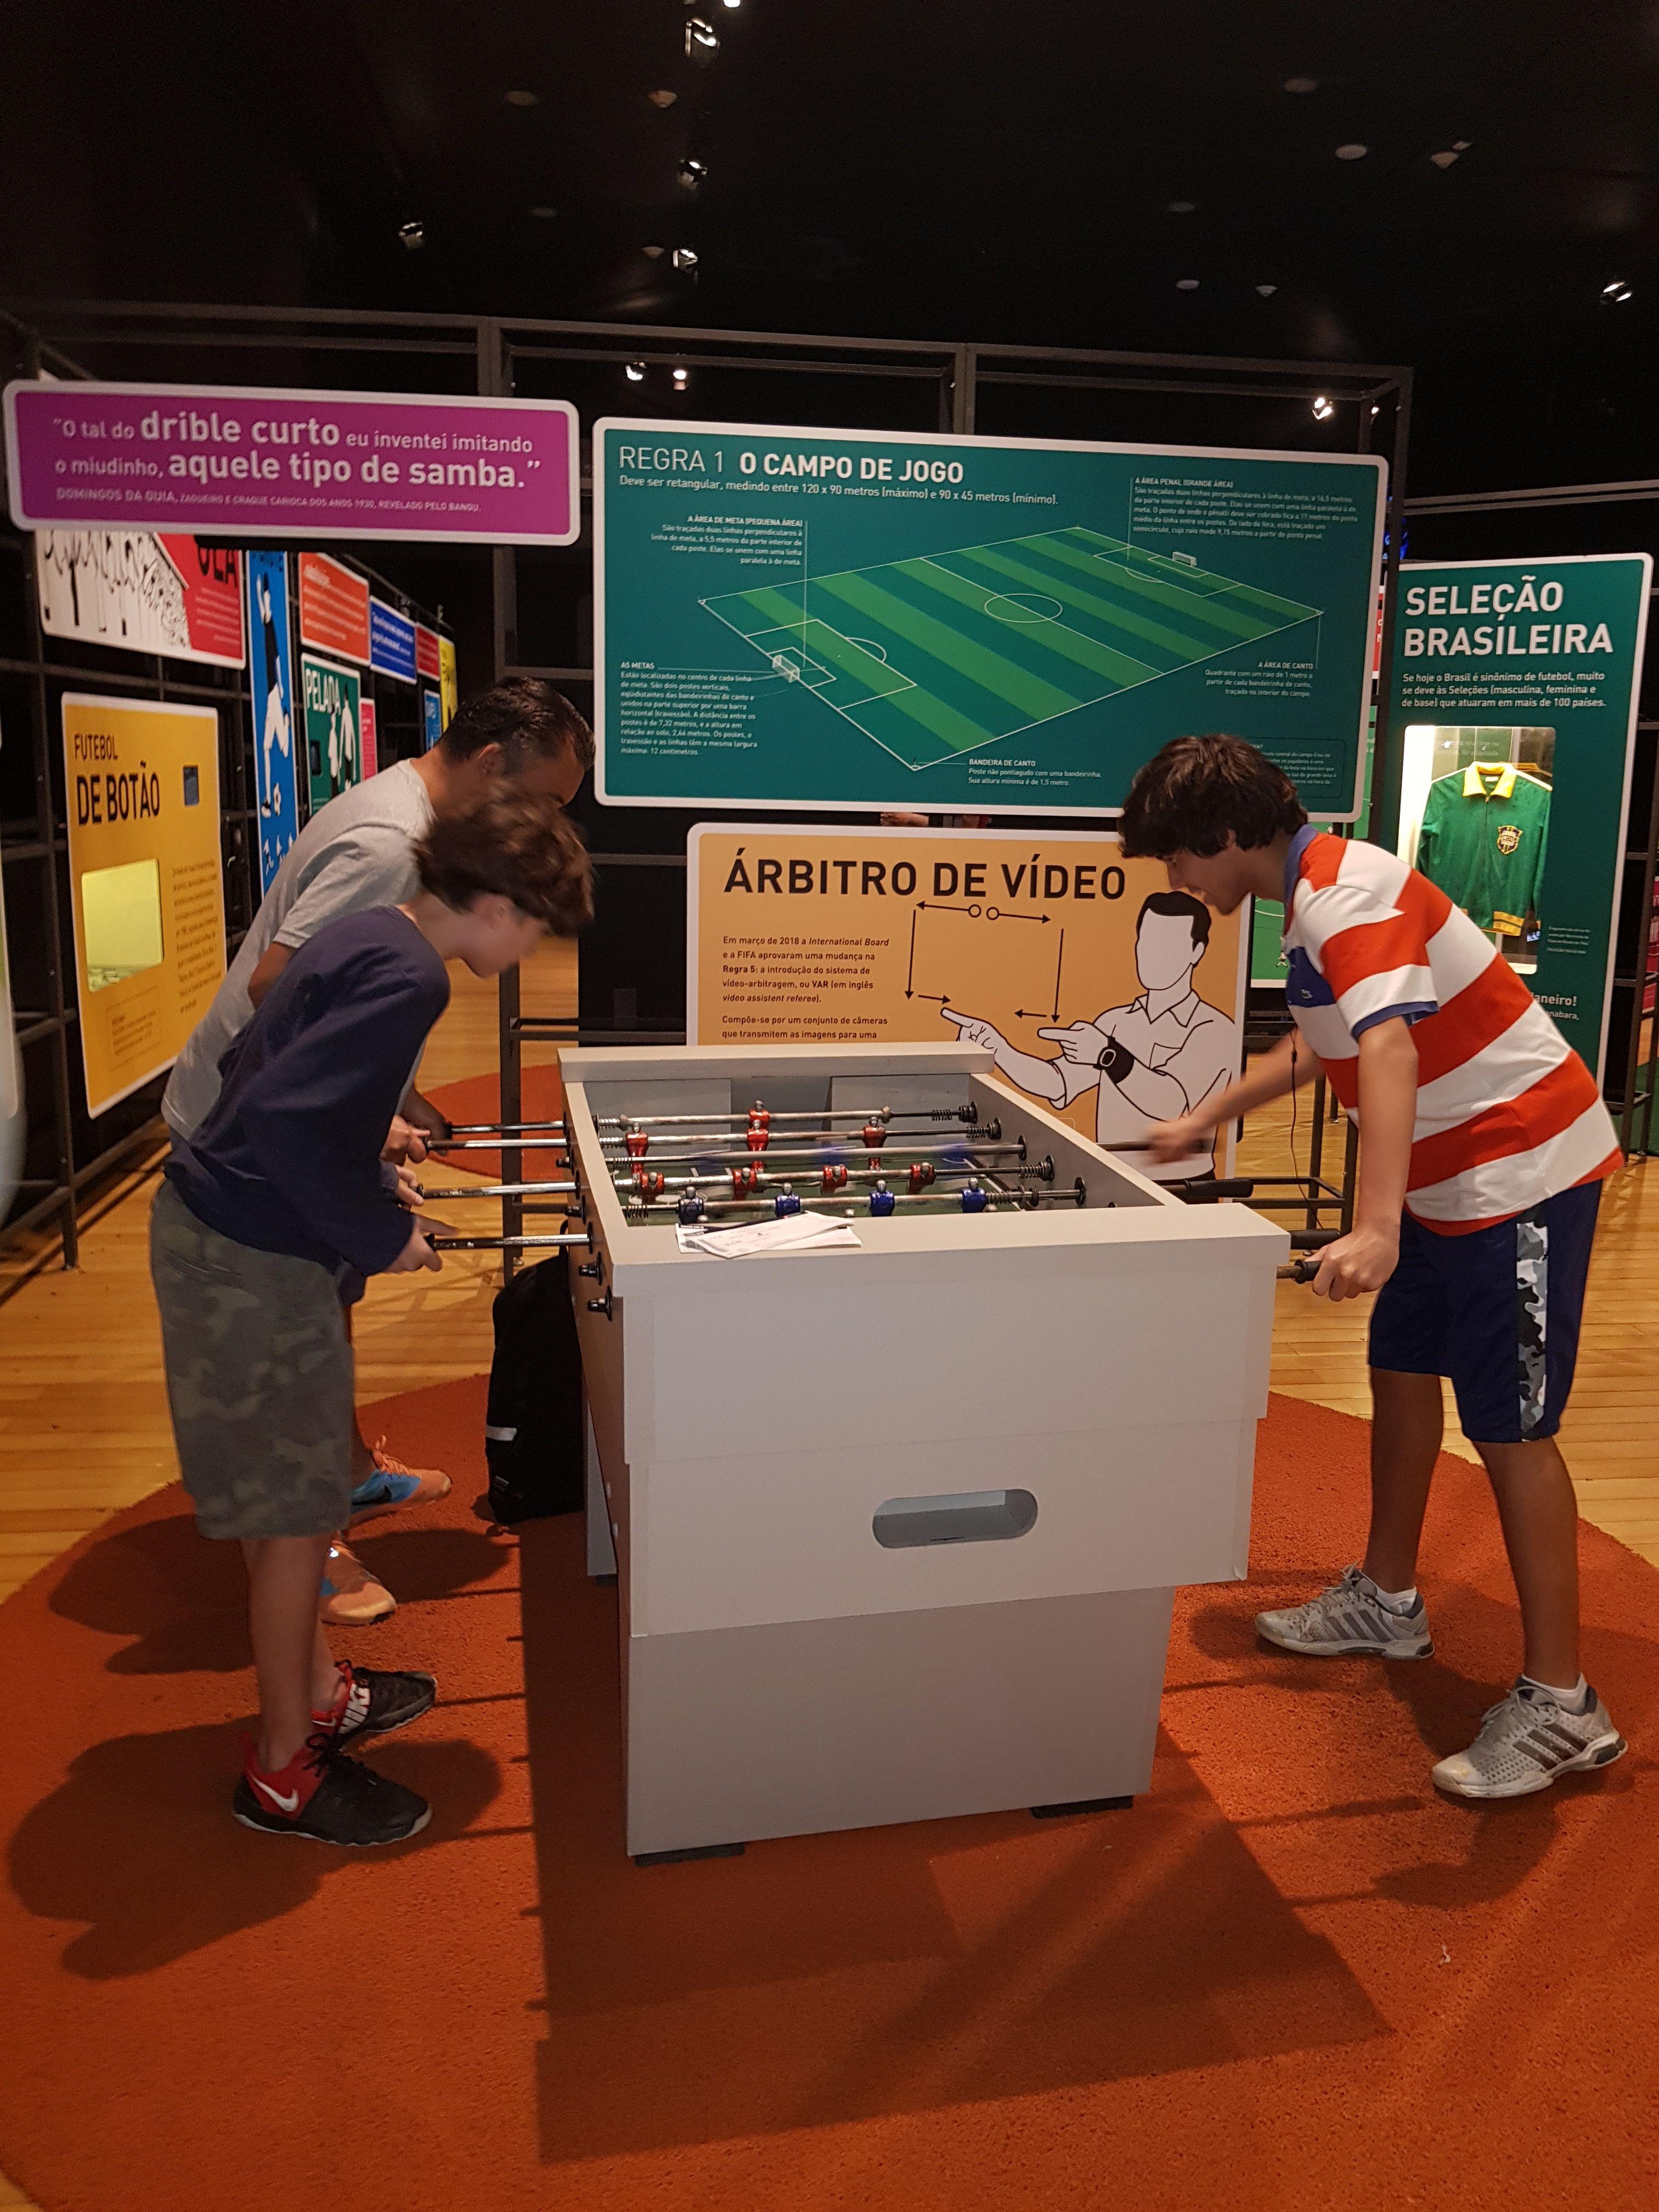 Pin De Jose Augusto De Almeida Em Exposicao Museu Do Futebol Rj